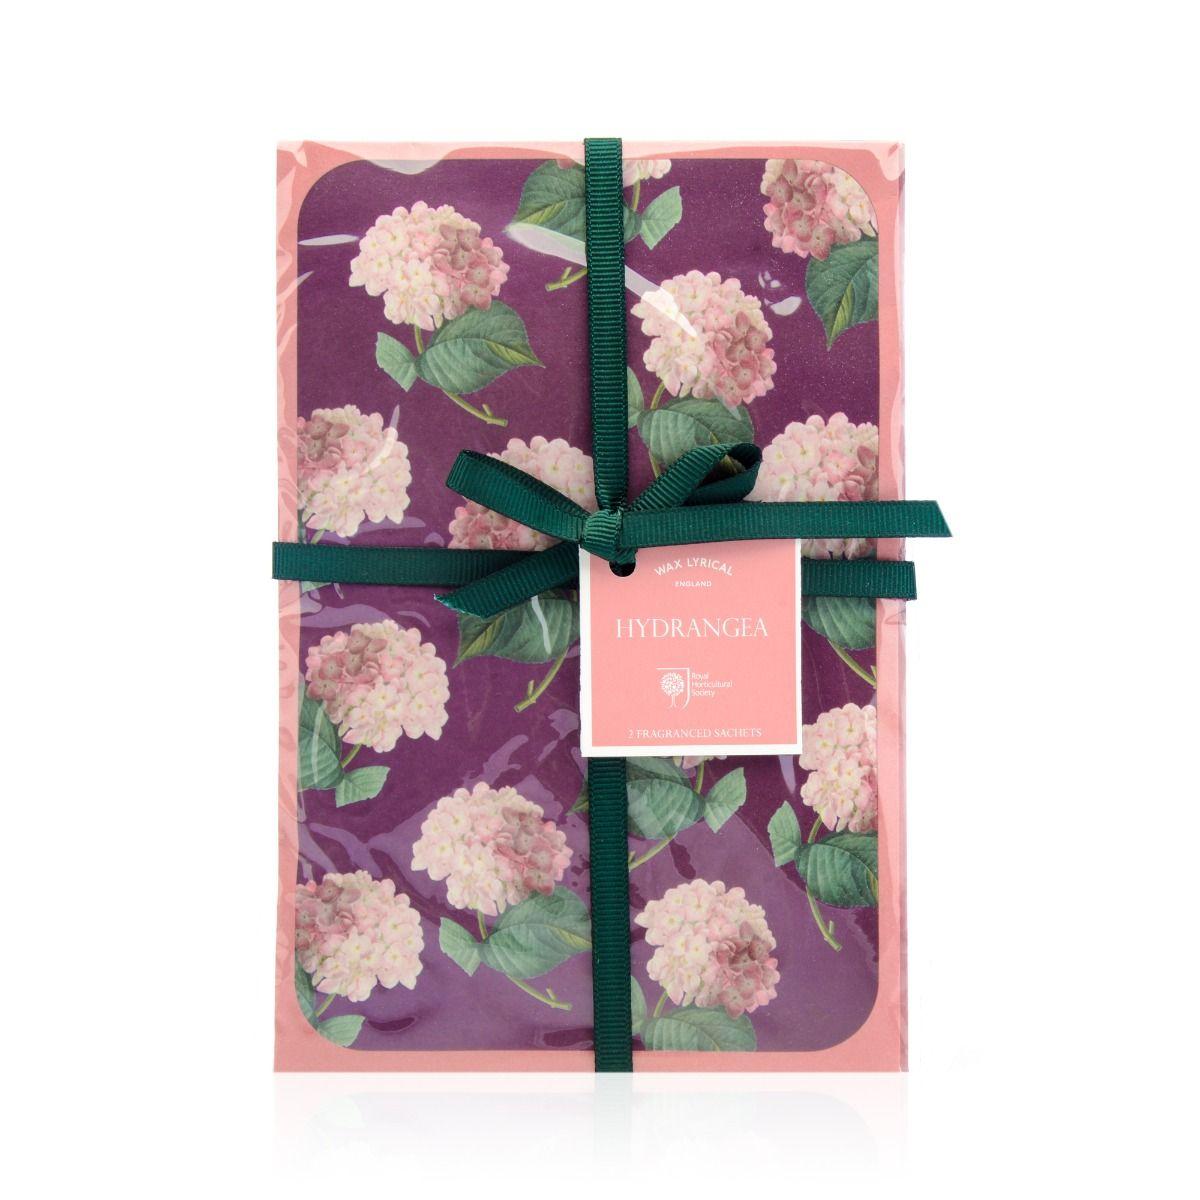 Саше Wax Lyrical RH5611 набор ароматических саше wax lyrical цветущий хлопок 45 г 2 шт